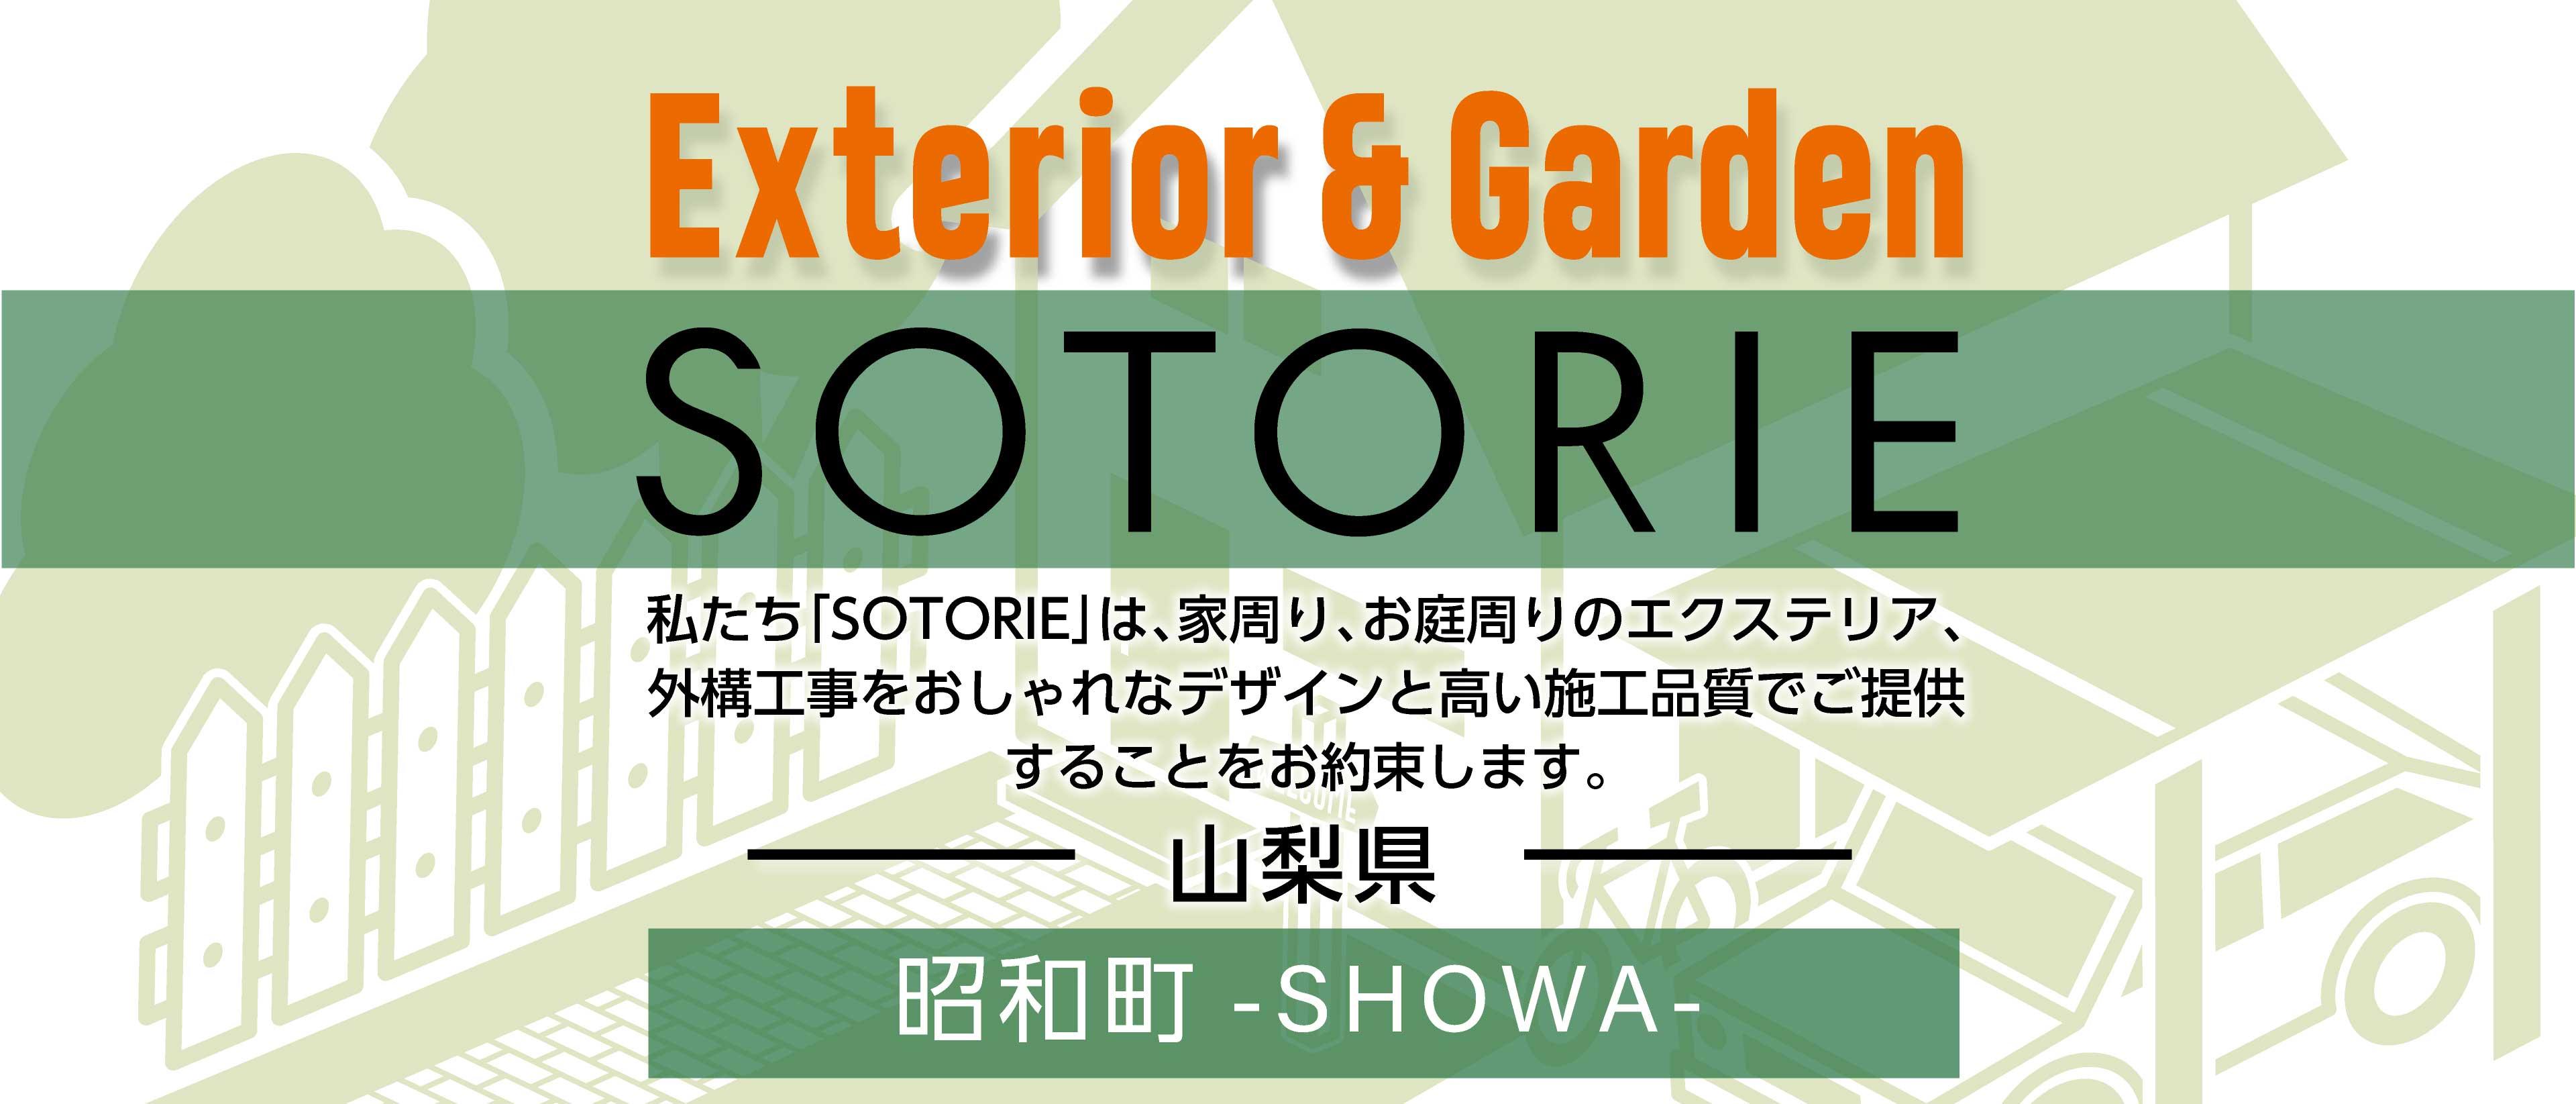 ソトリエ昭和町では、家周りと庭周りの外構、エクステリア工事をおしゃれなデザインと高い施工品質でご提供することをお約束します。